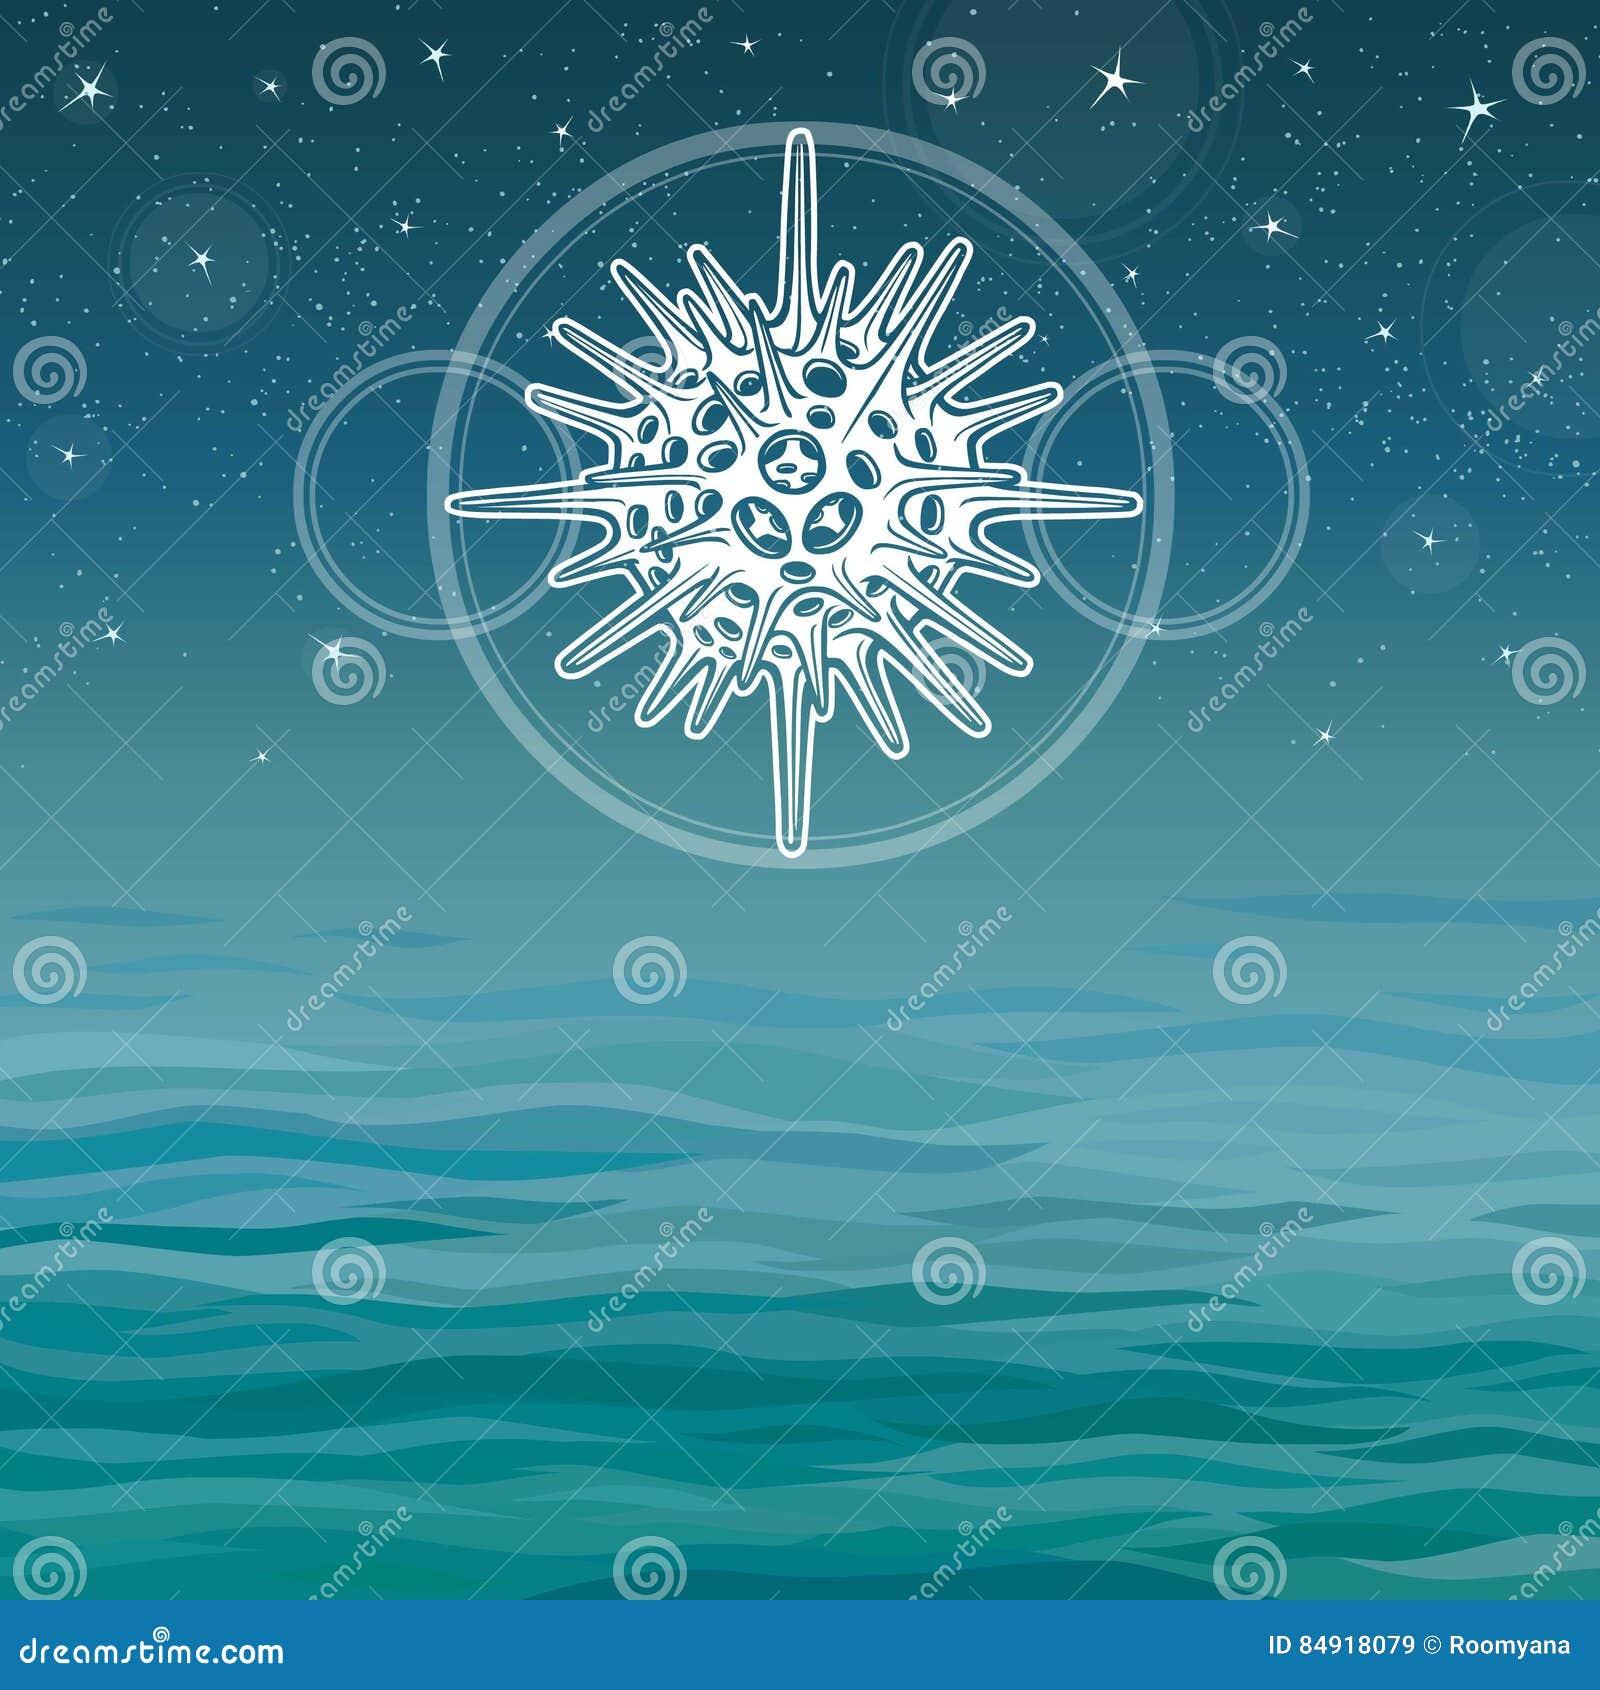 Stilisierte Zeichnung eines Radiolaria - der grundlegende Marineorganismus